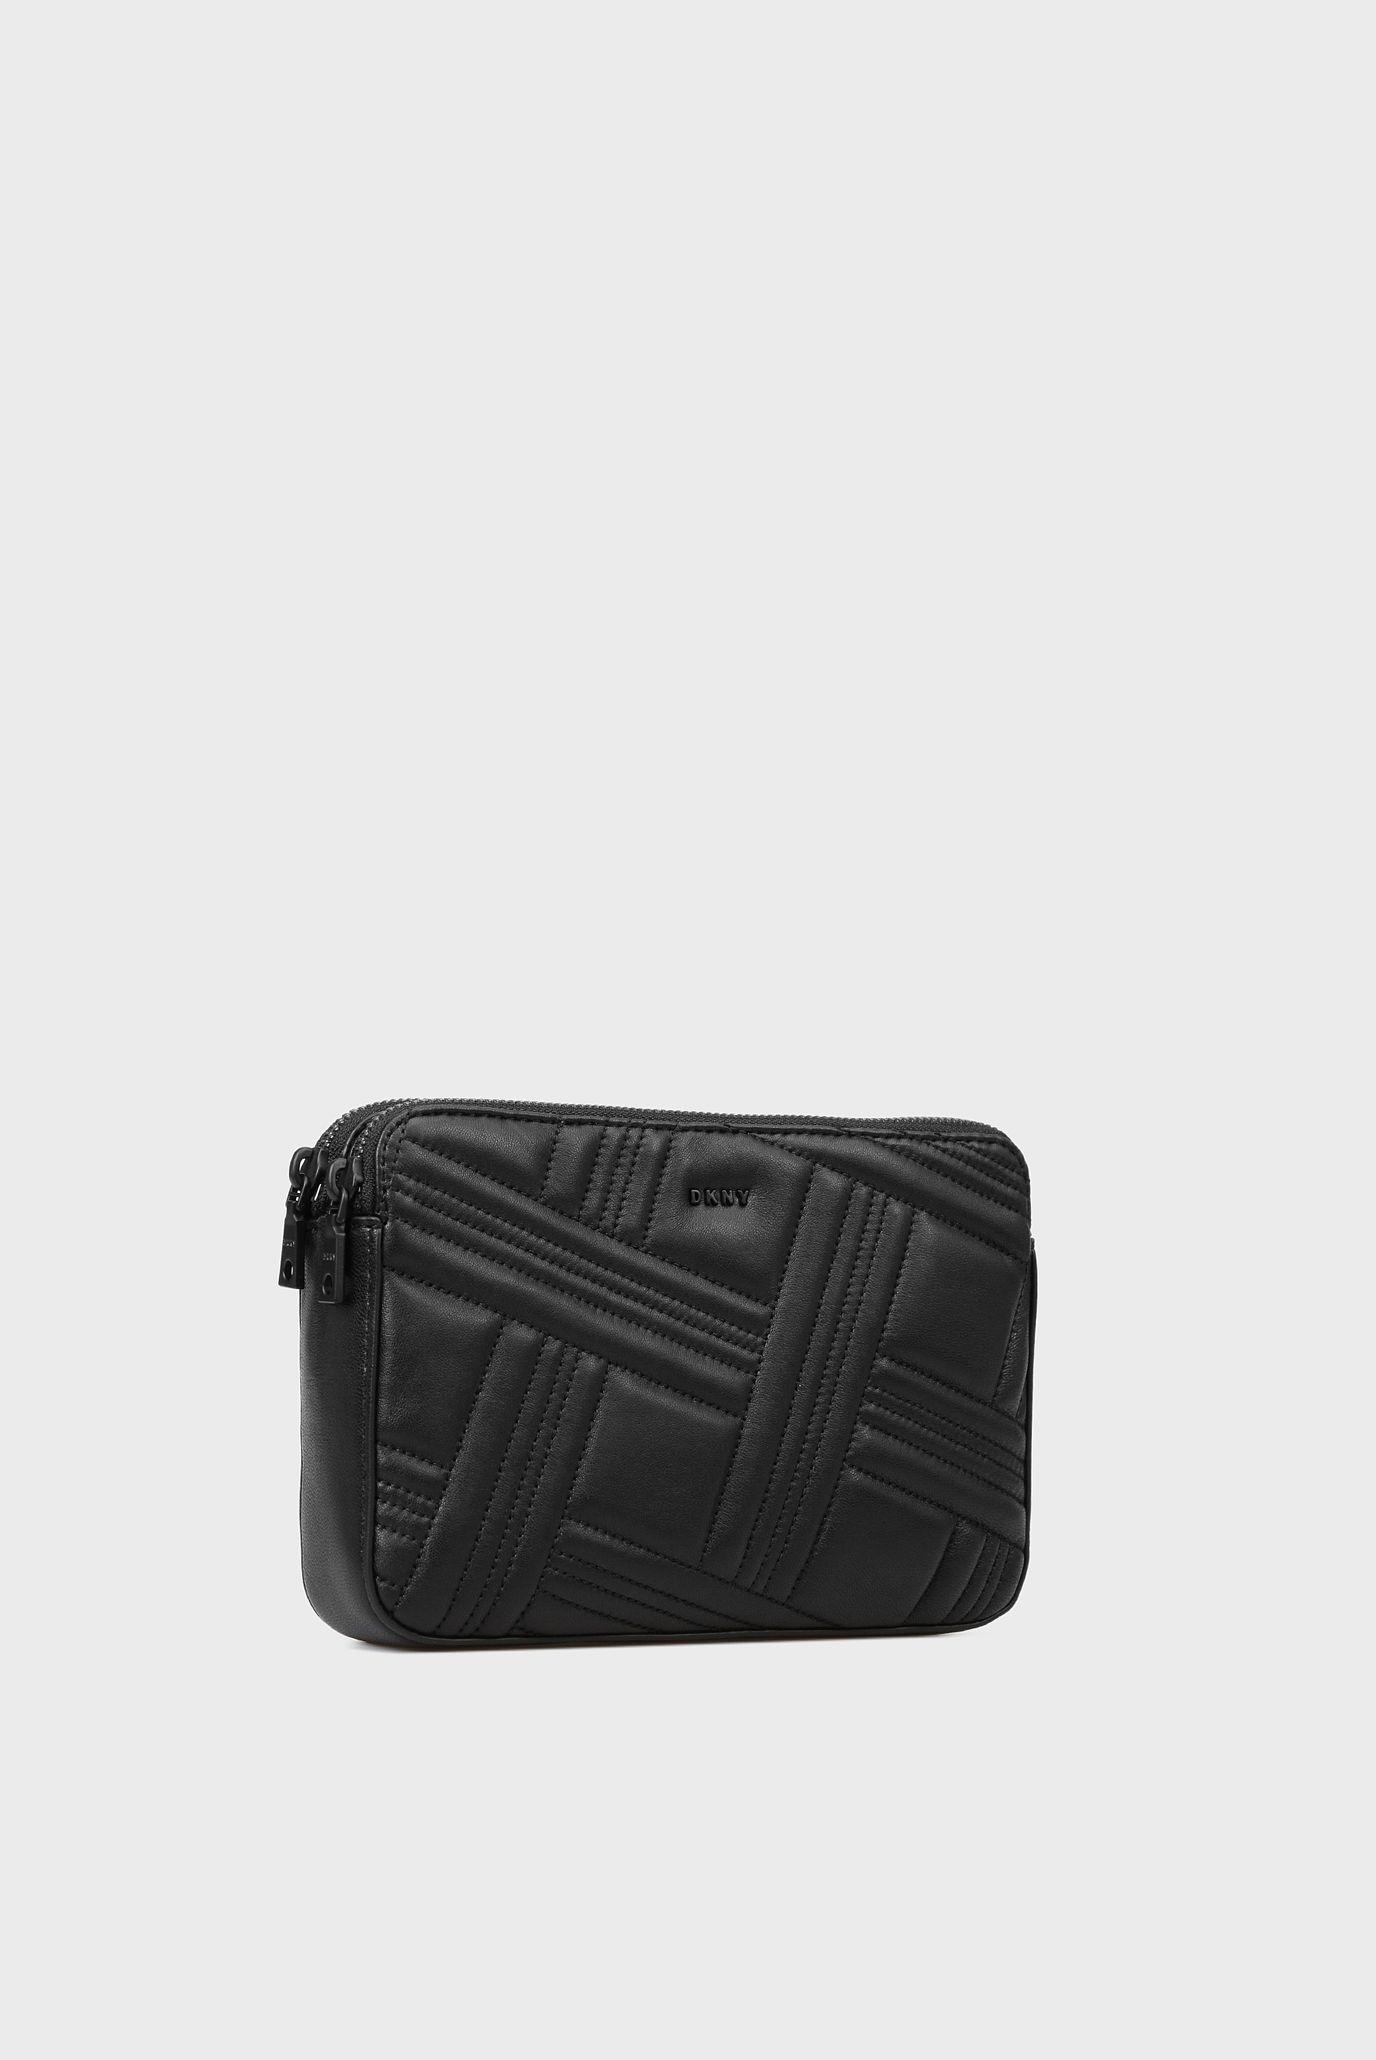 Купить Женская черная кожаная сумка через плечо DKNY DKNY R83EB639 – Киев efe21e4e5506c